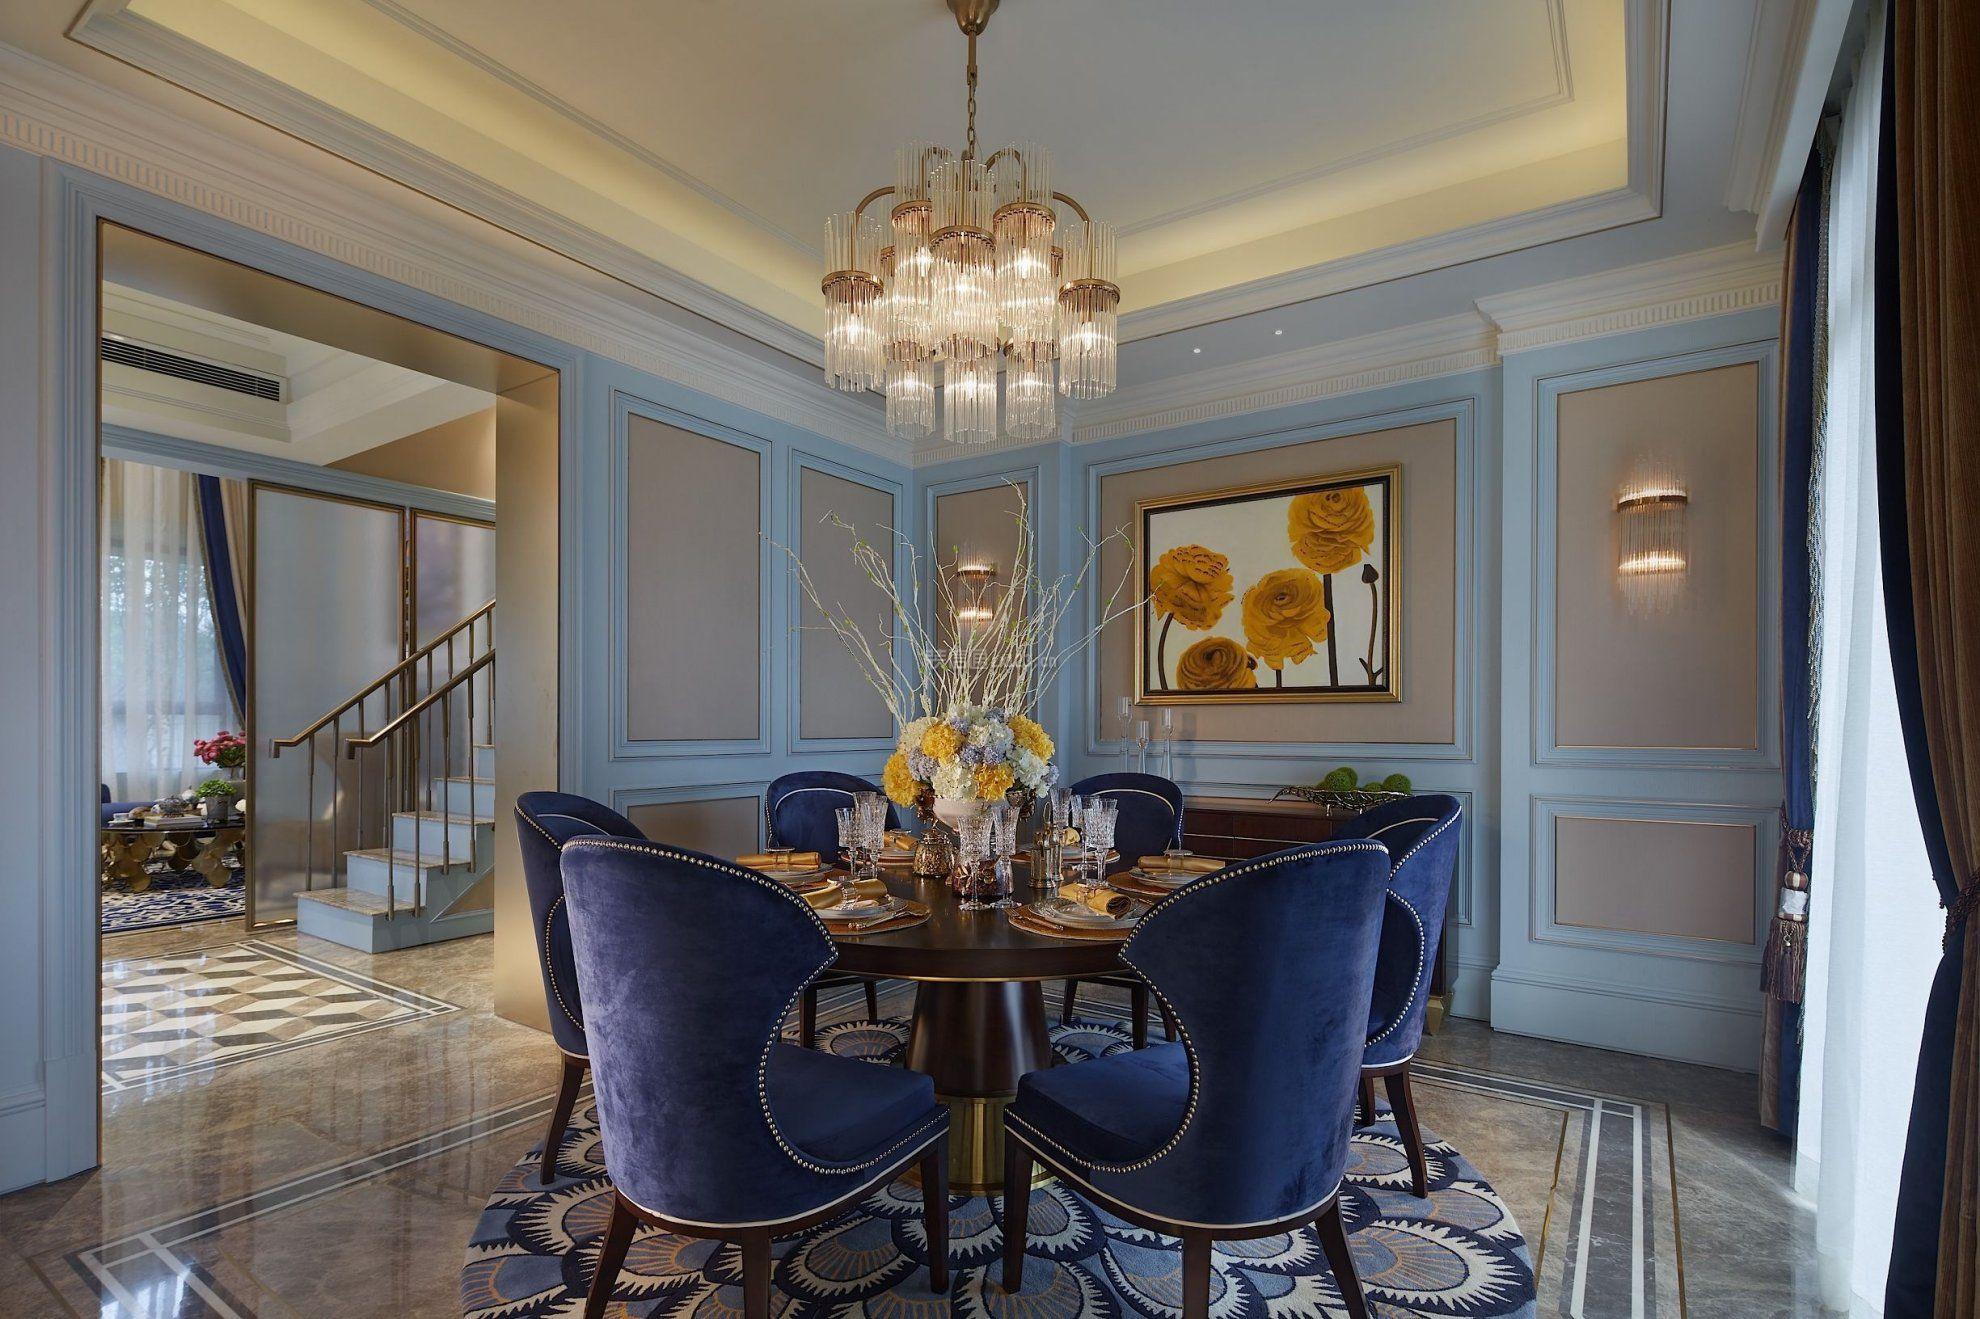 法式轻奢浪漫风格别墅餐厅吊顶灯具装修